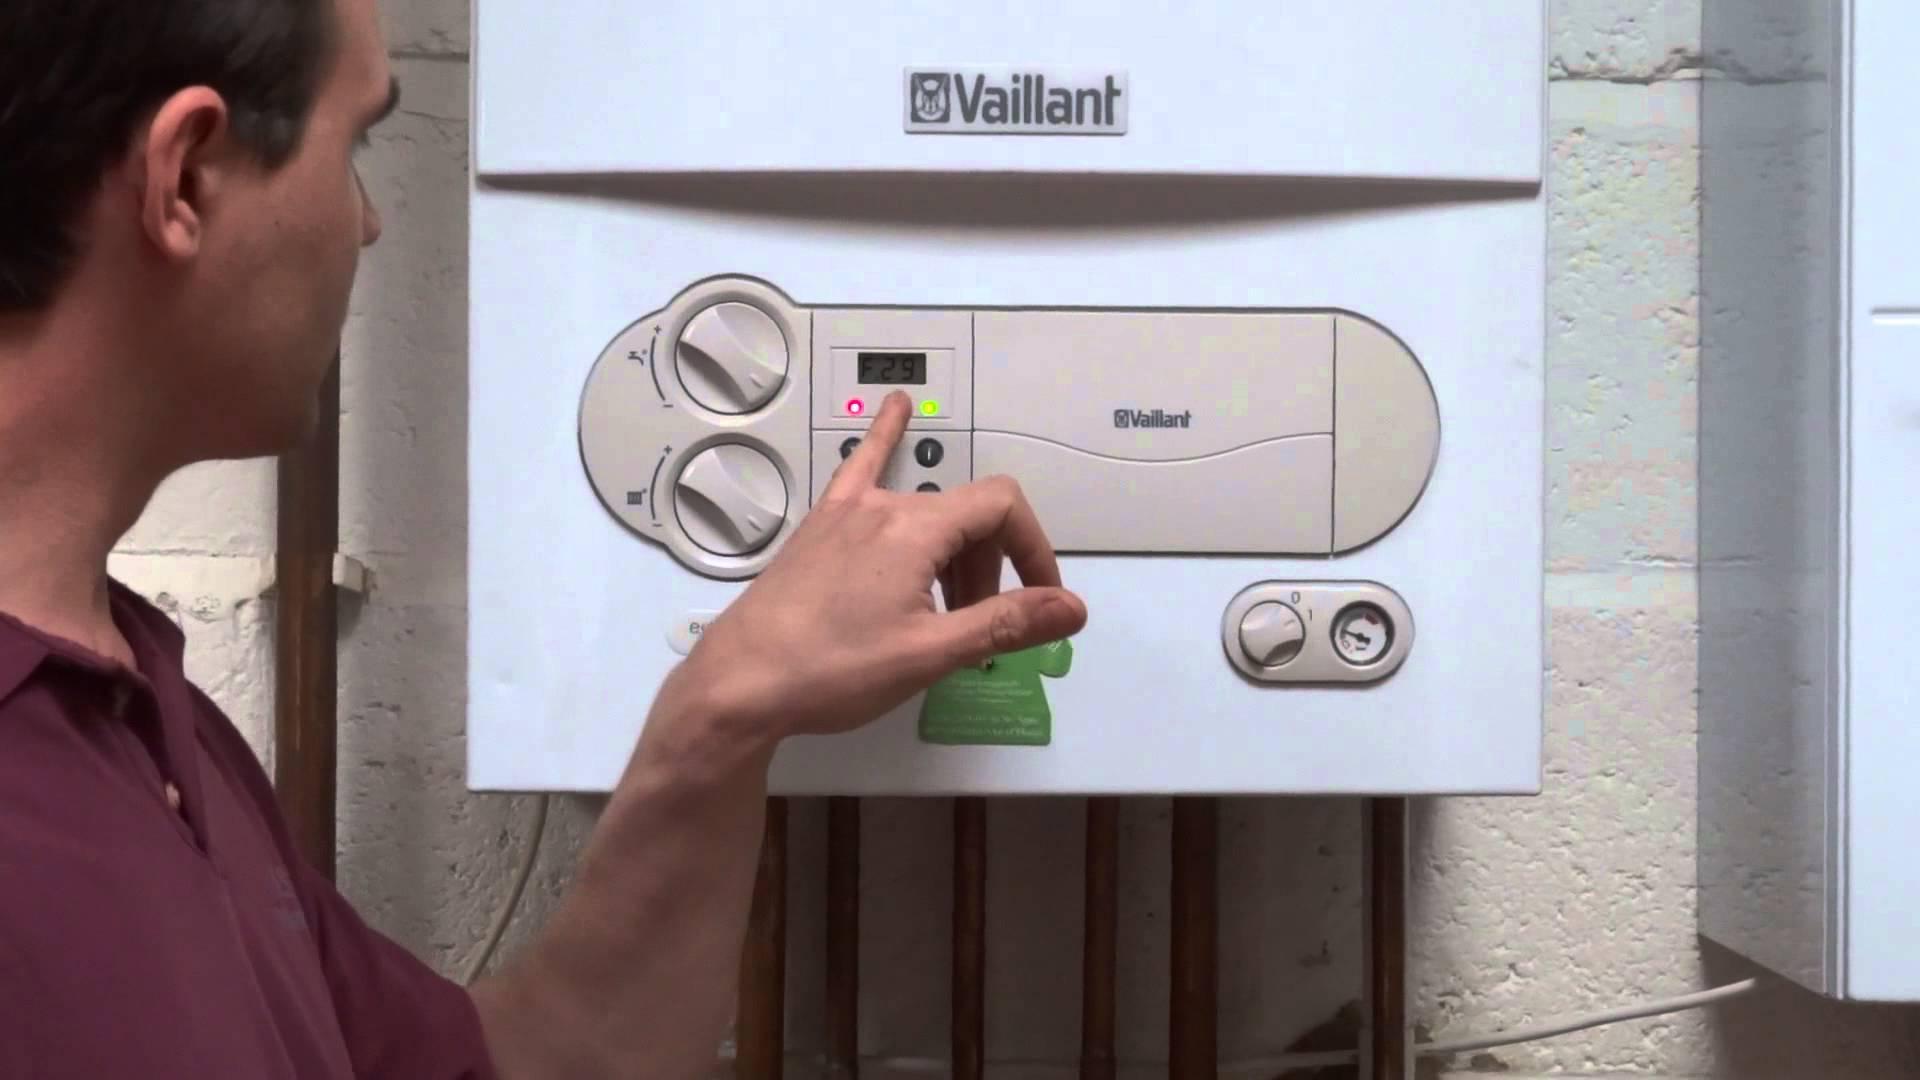 Газовый кател вайлантвыдает ошибку ф75